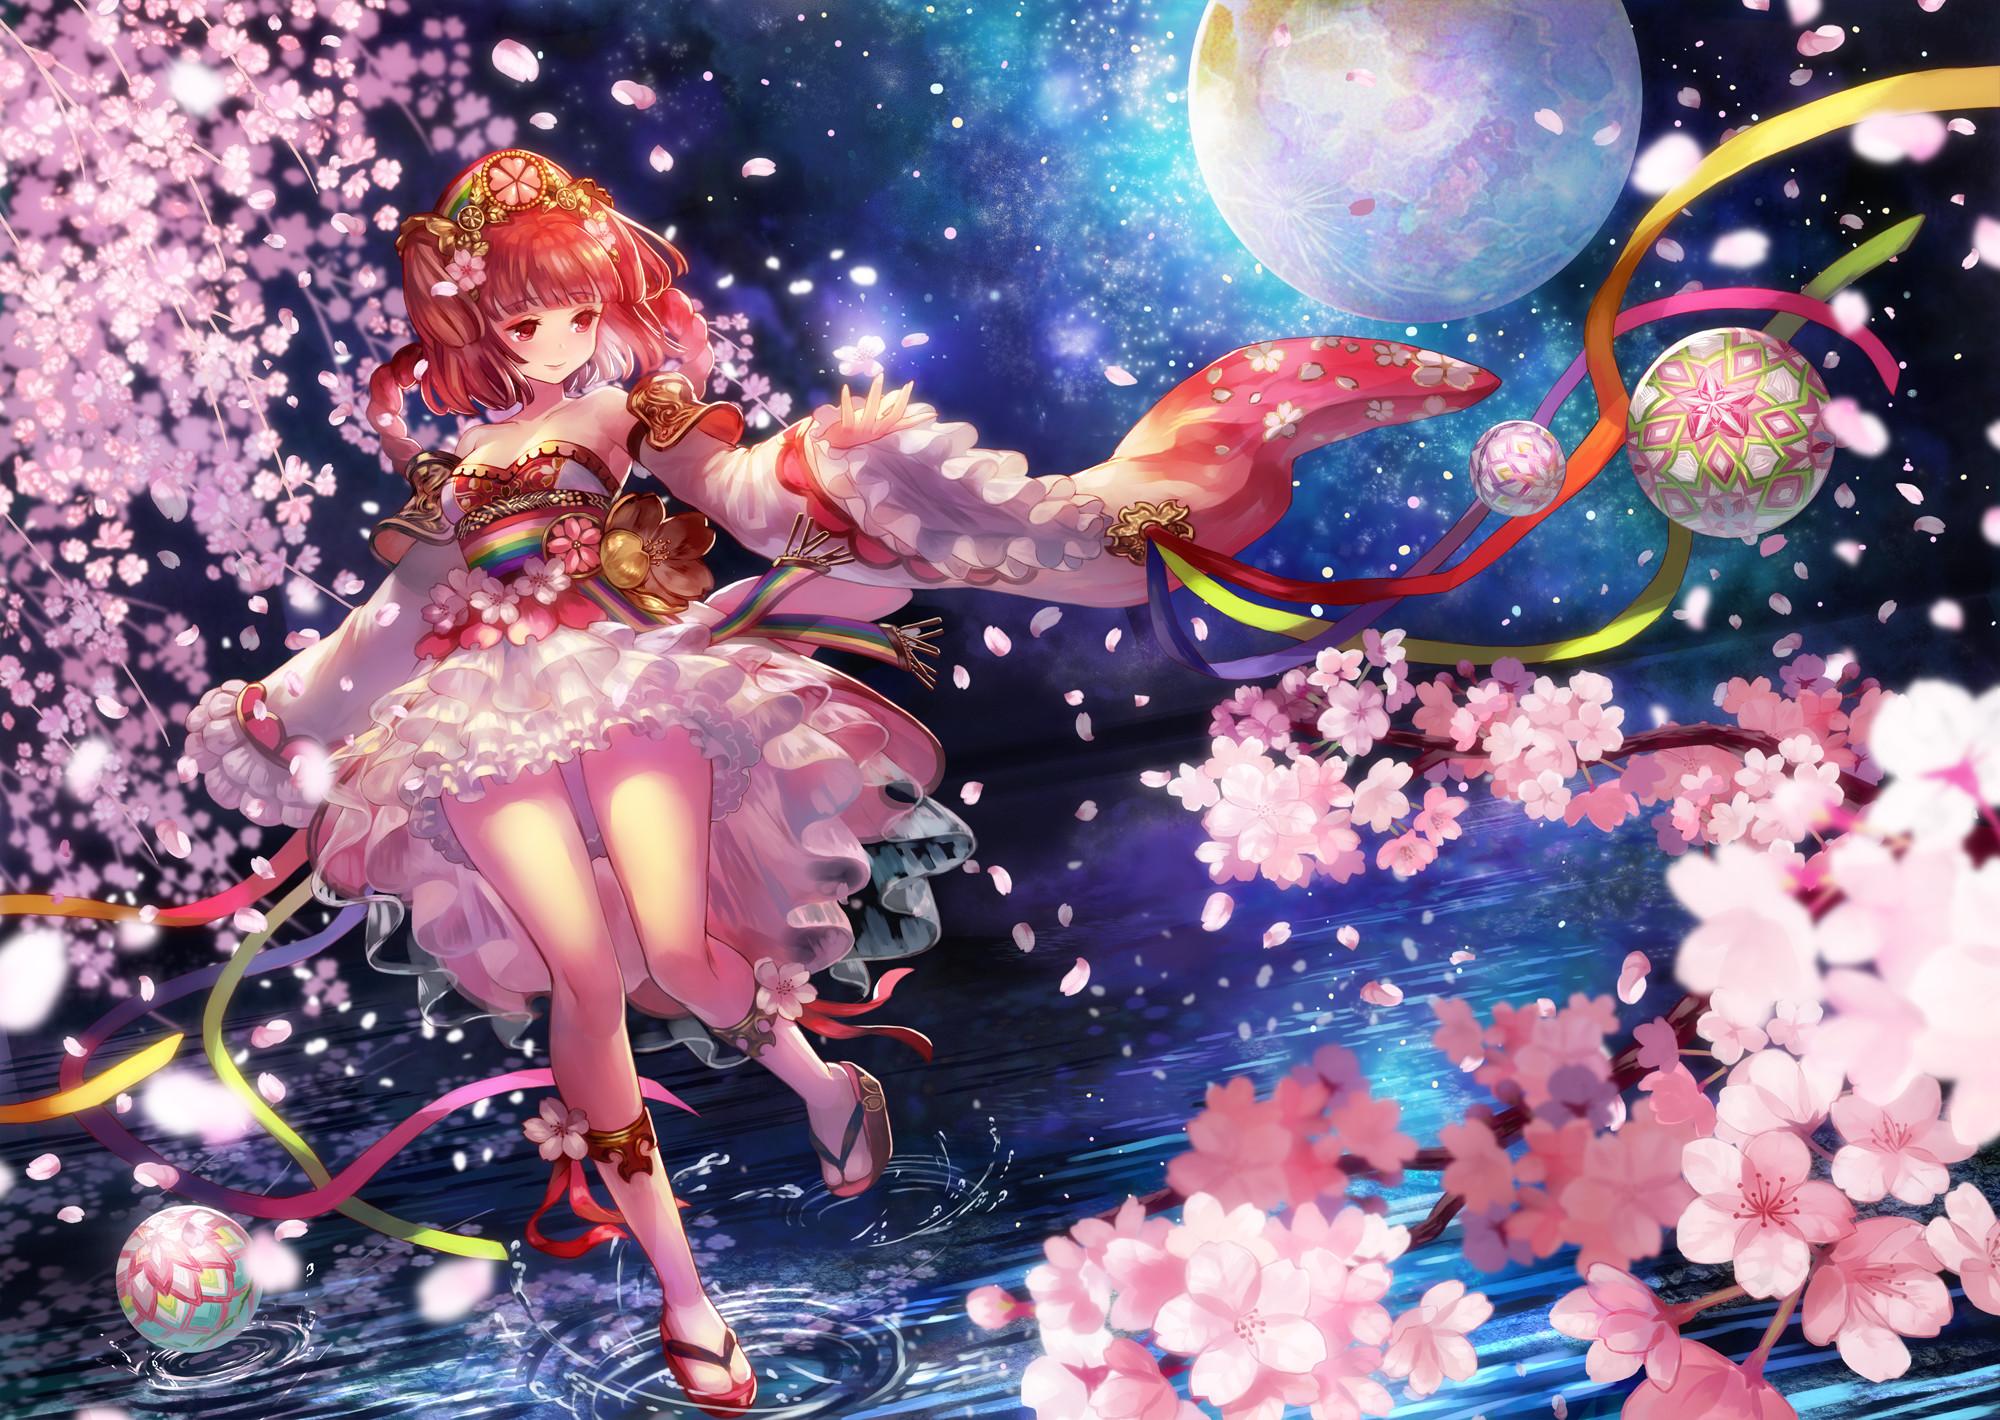 Anime – Original Anime Original (Anime) Girl Long Hair Red Hair Armor Braid  Cherry